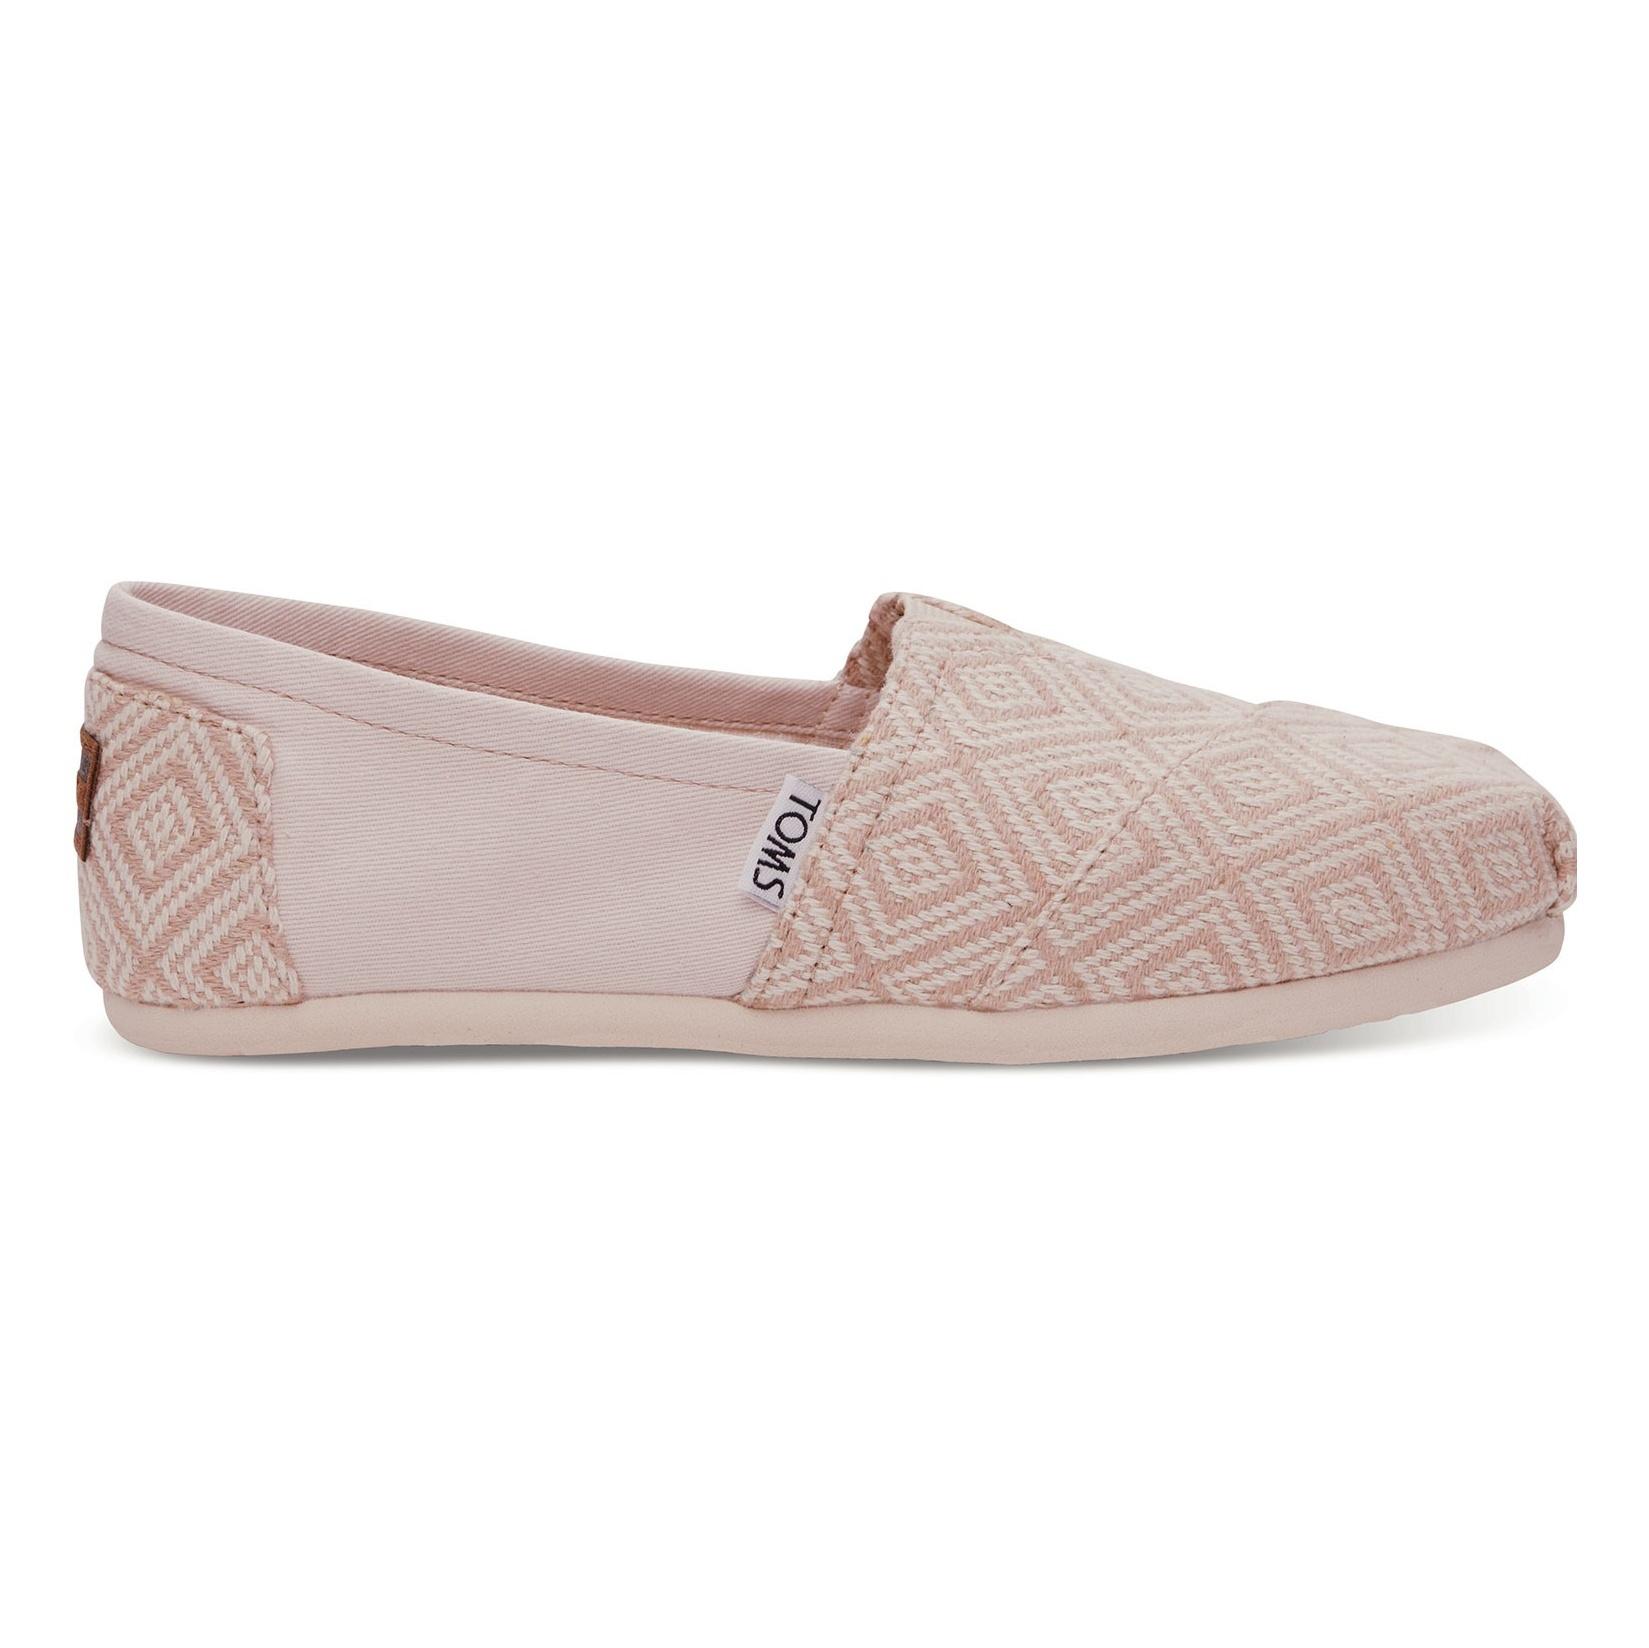 کفش تخت نخی زنانه - تامز - کرم روشن بافت دار - 1